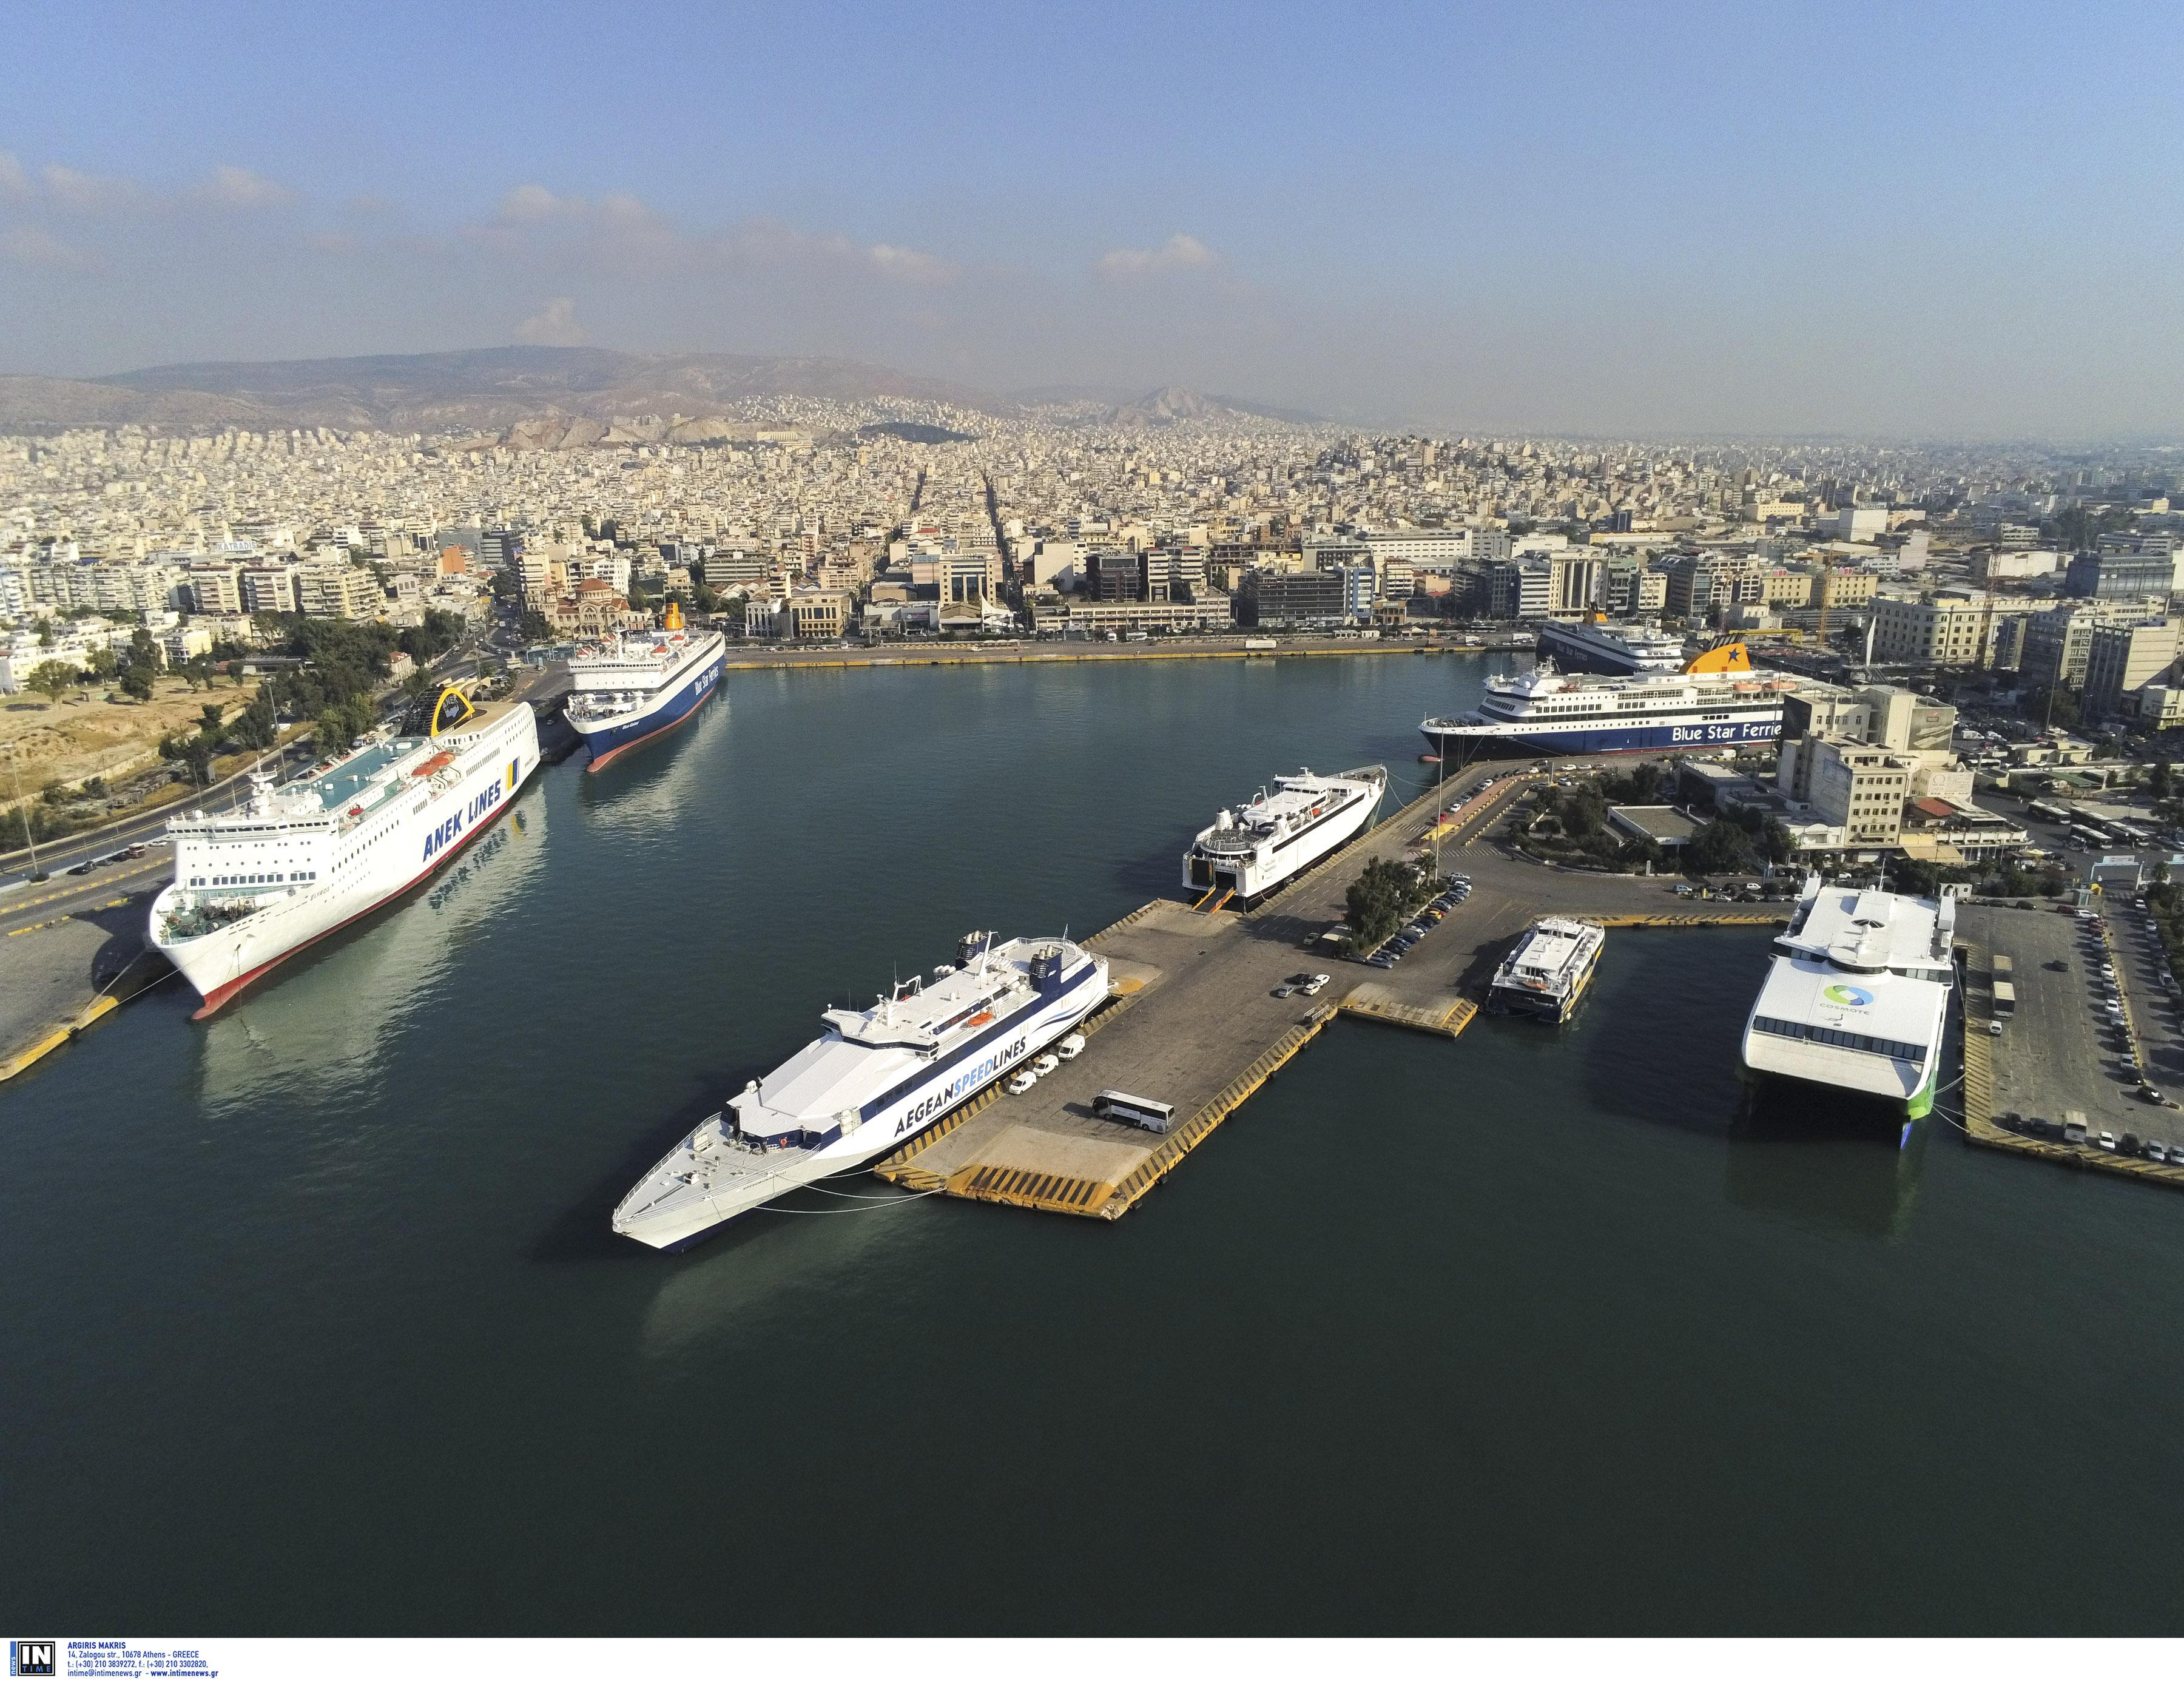 Αυτό ήταν το πρώτο πλοίο στο λιμάνι του Πειραιά για το 2020